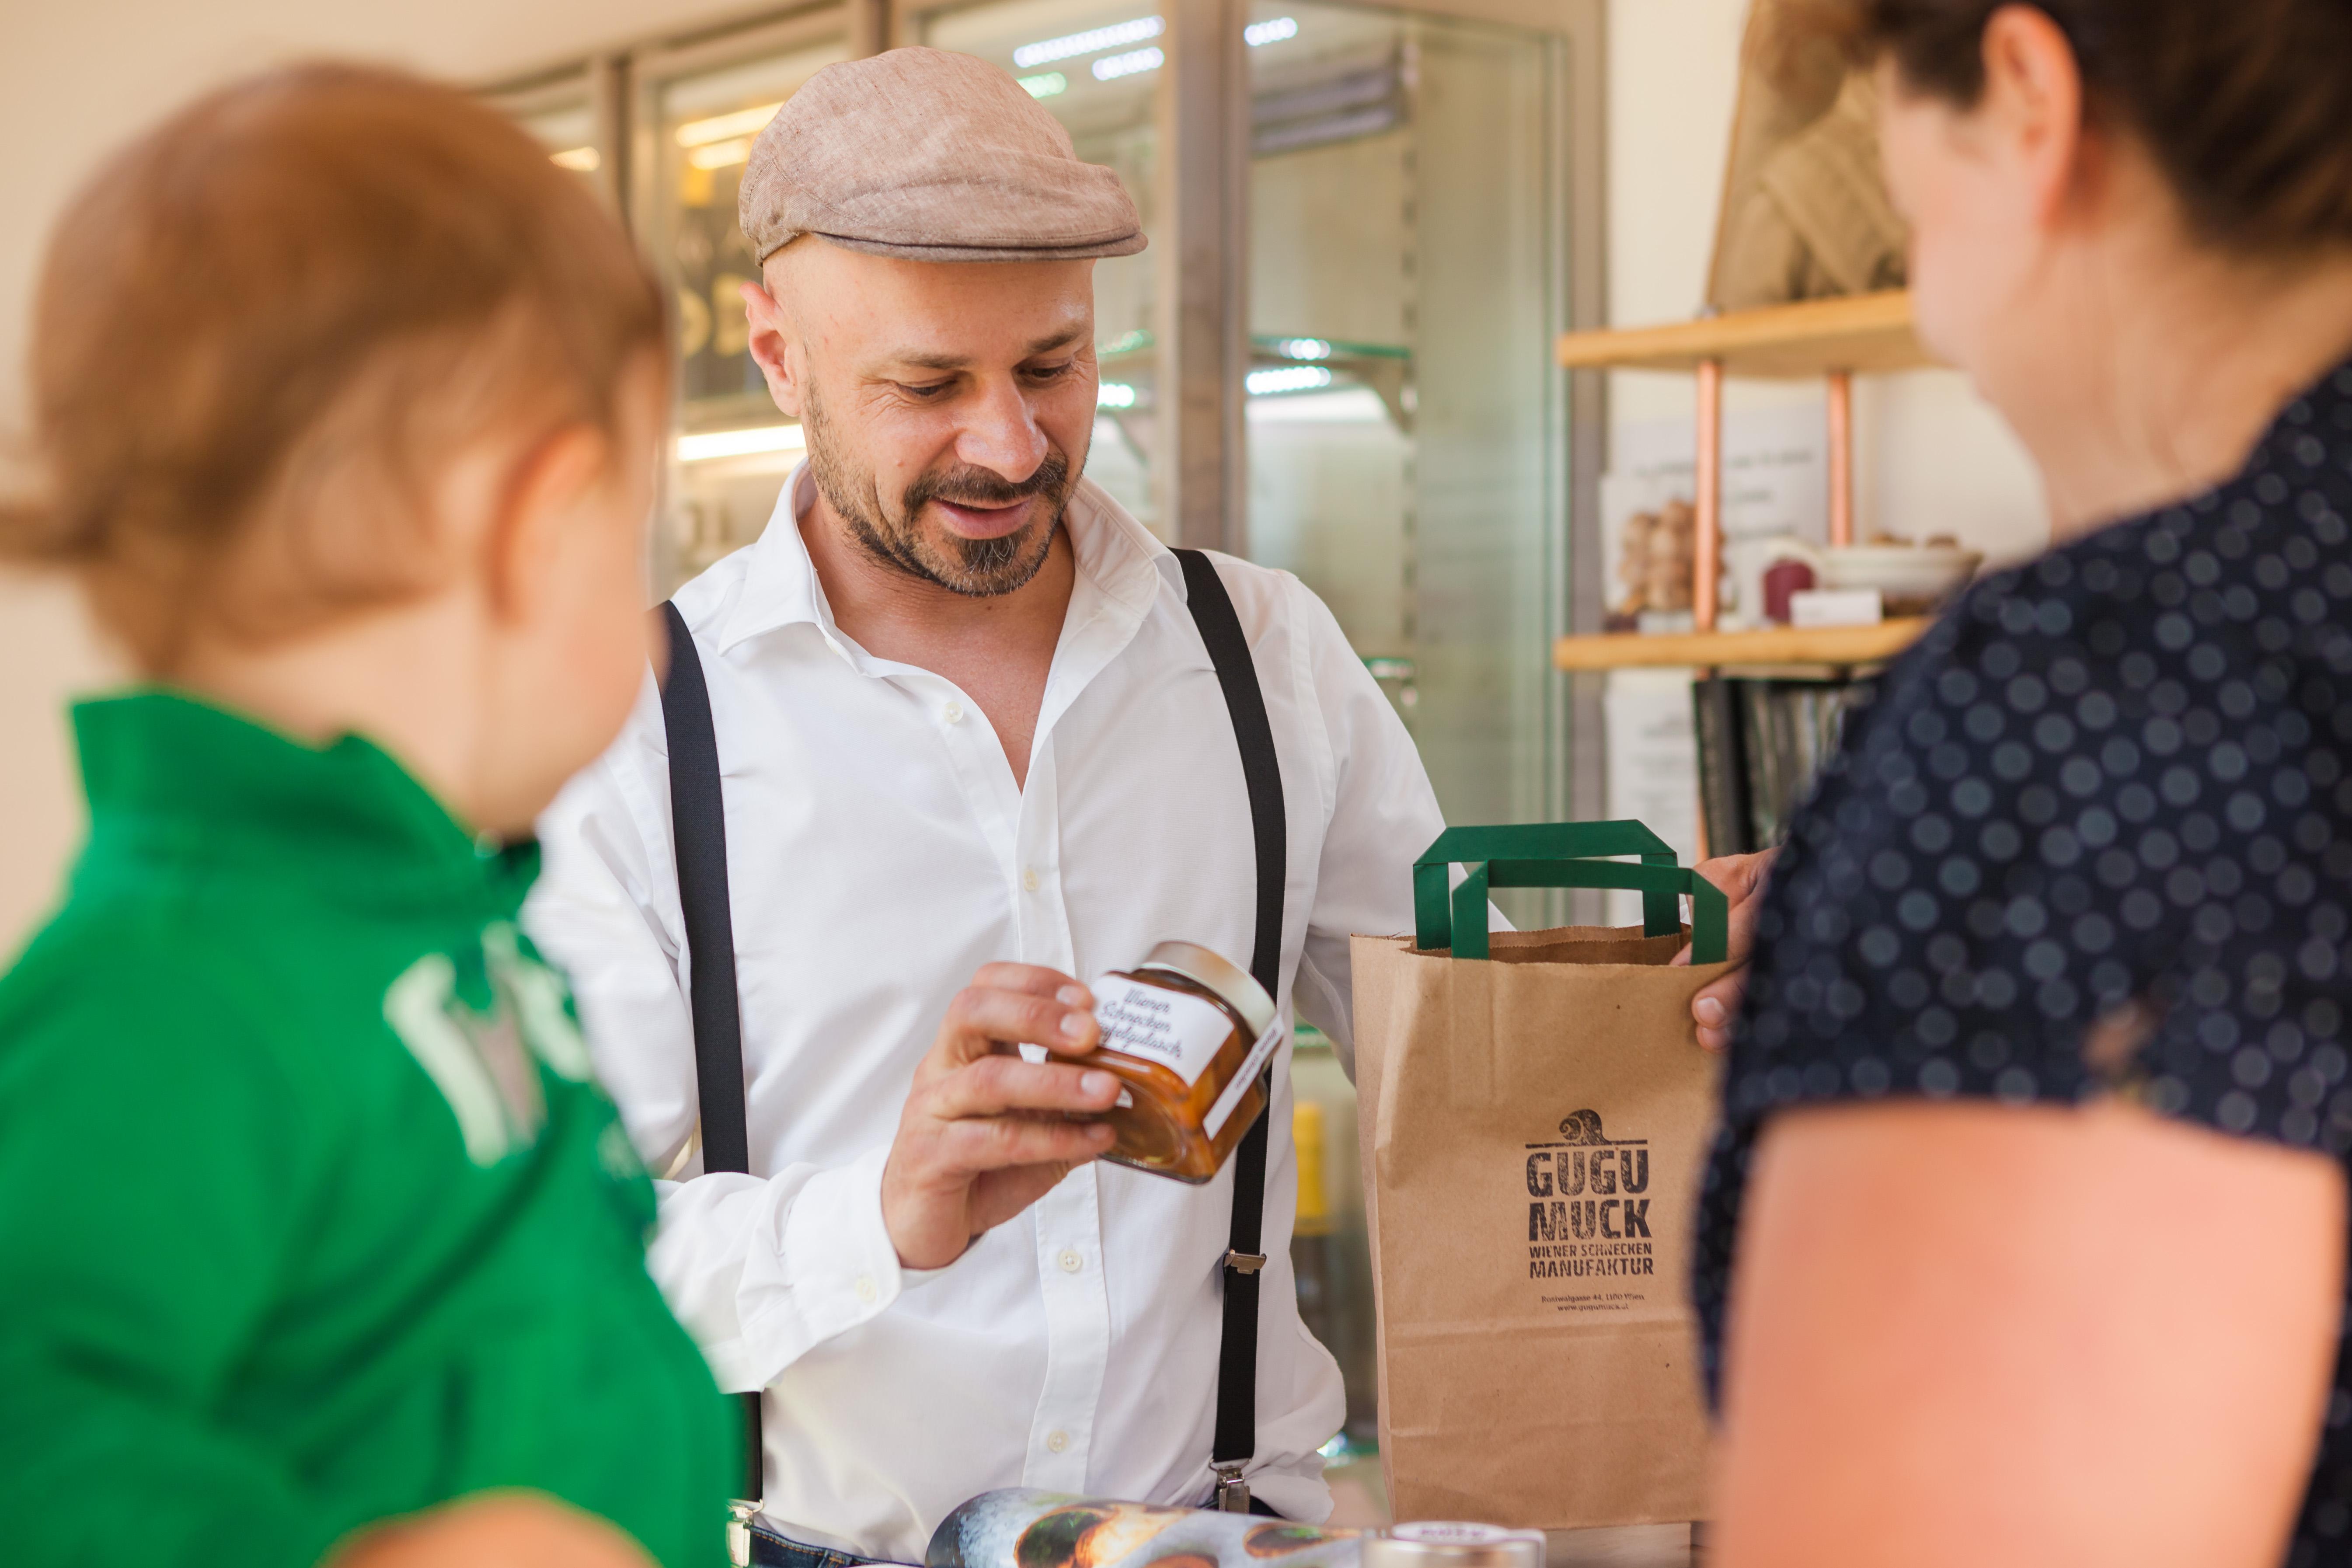 © Philipp Lipiarski / www.lipiarski.com, Farm 2 Table, Andreas Gugumuck im Hofladen der Wiener Schnecken-Manufaktur Gugumuck, In unserem Ab-Hof-Laden können sie während der Öffnungszeiten im Direktverkauf einkaufen, sonst im Onlineshop